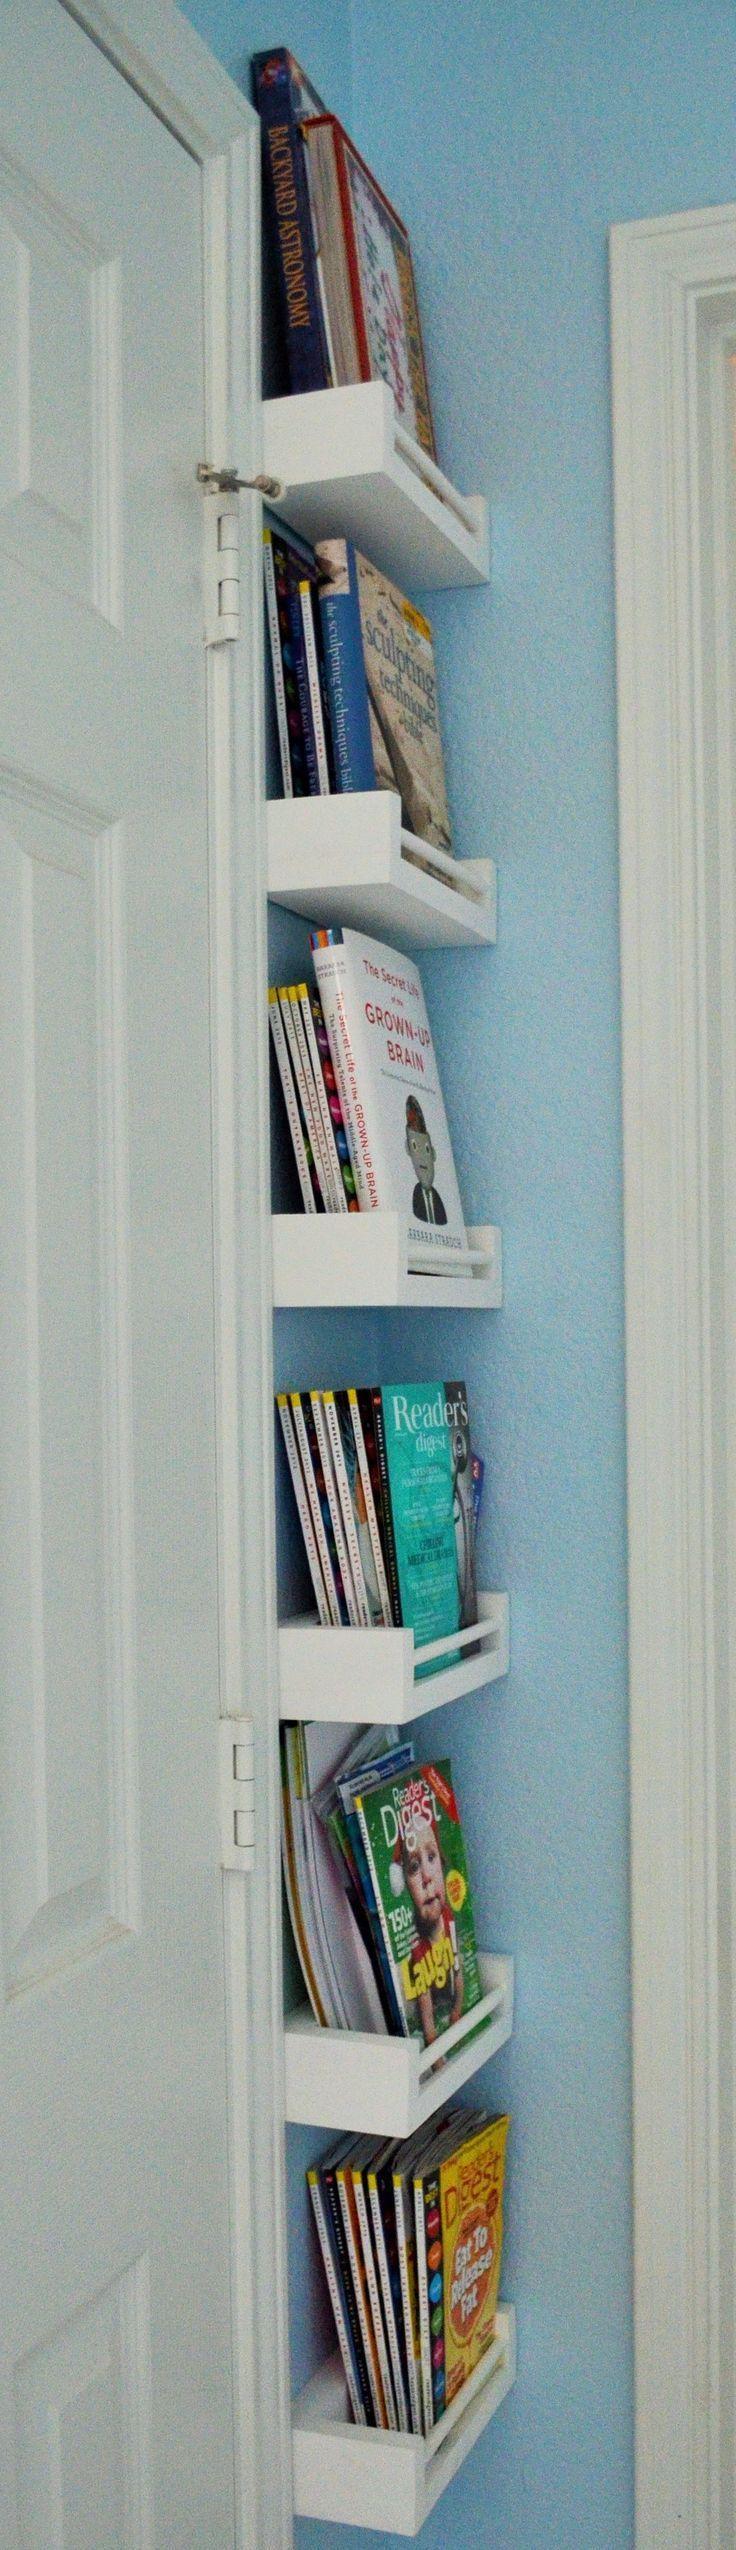 Lo lo low cost small bedroom storage ideas - Bedrooms